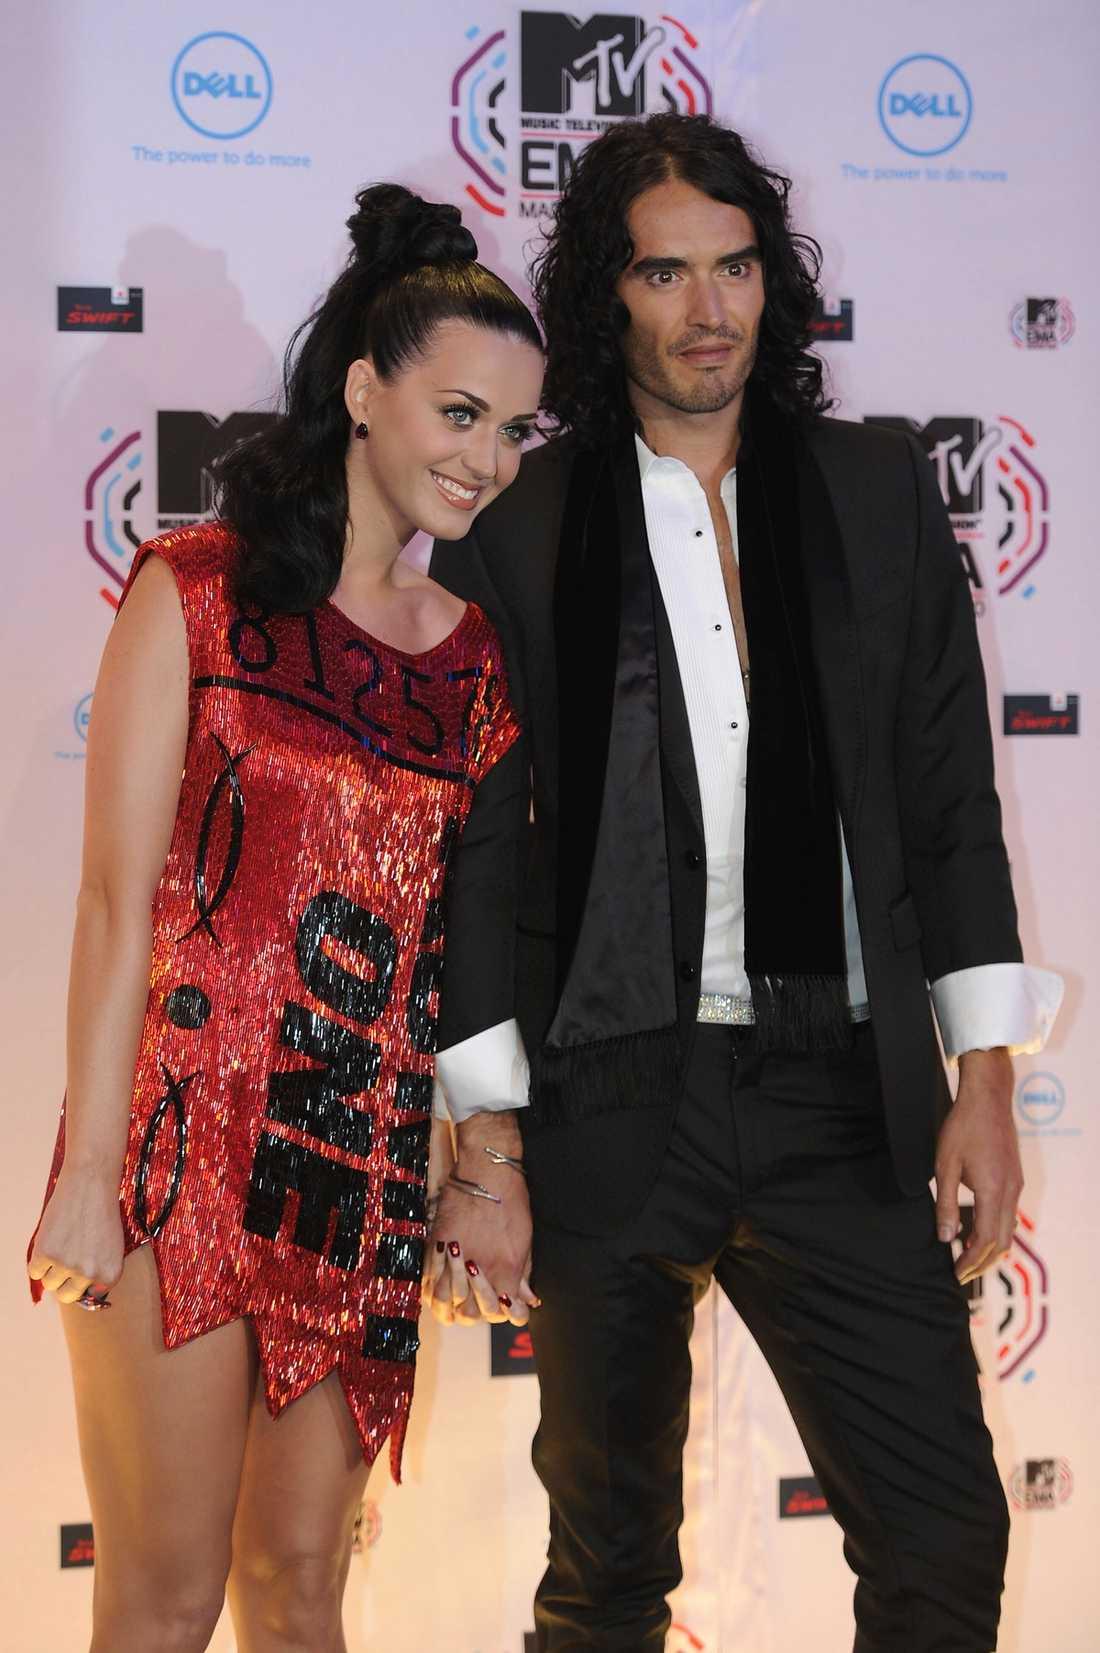 Vill återförenas Enligt uppgifter ställer Kate Perry in People´s Choice Awards för att åka till Russell Brand i London.